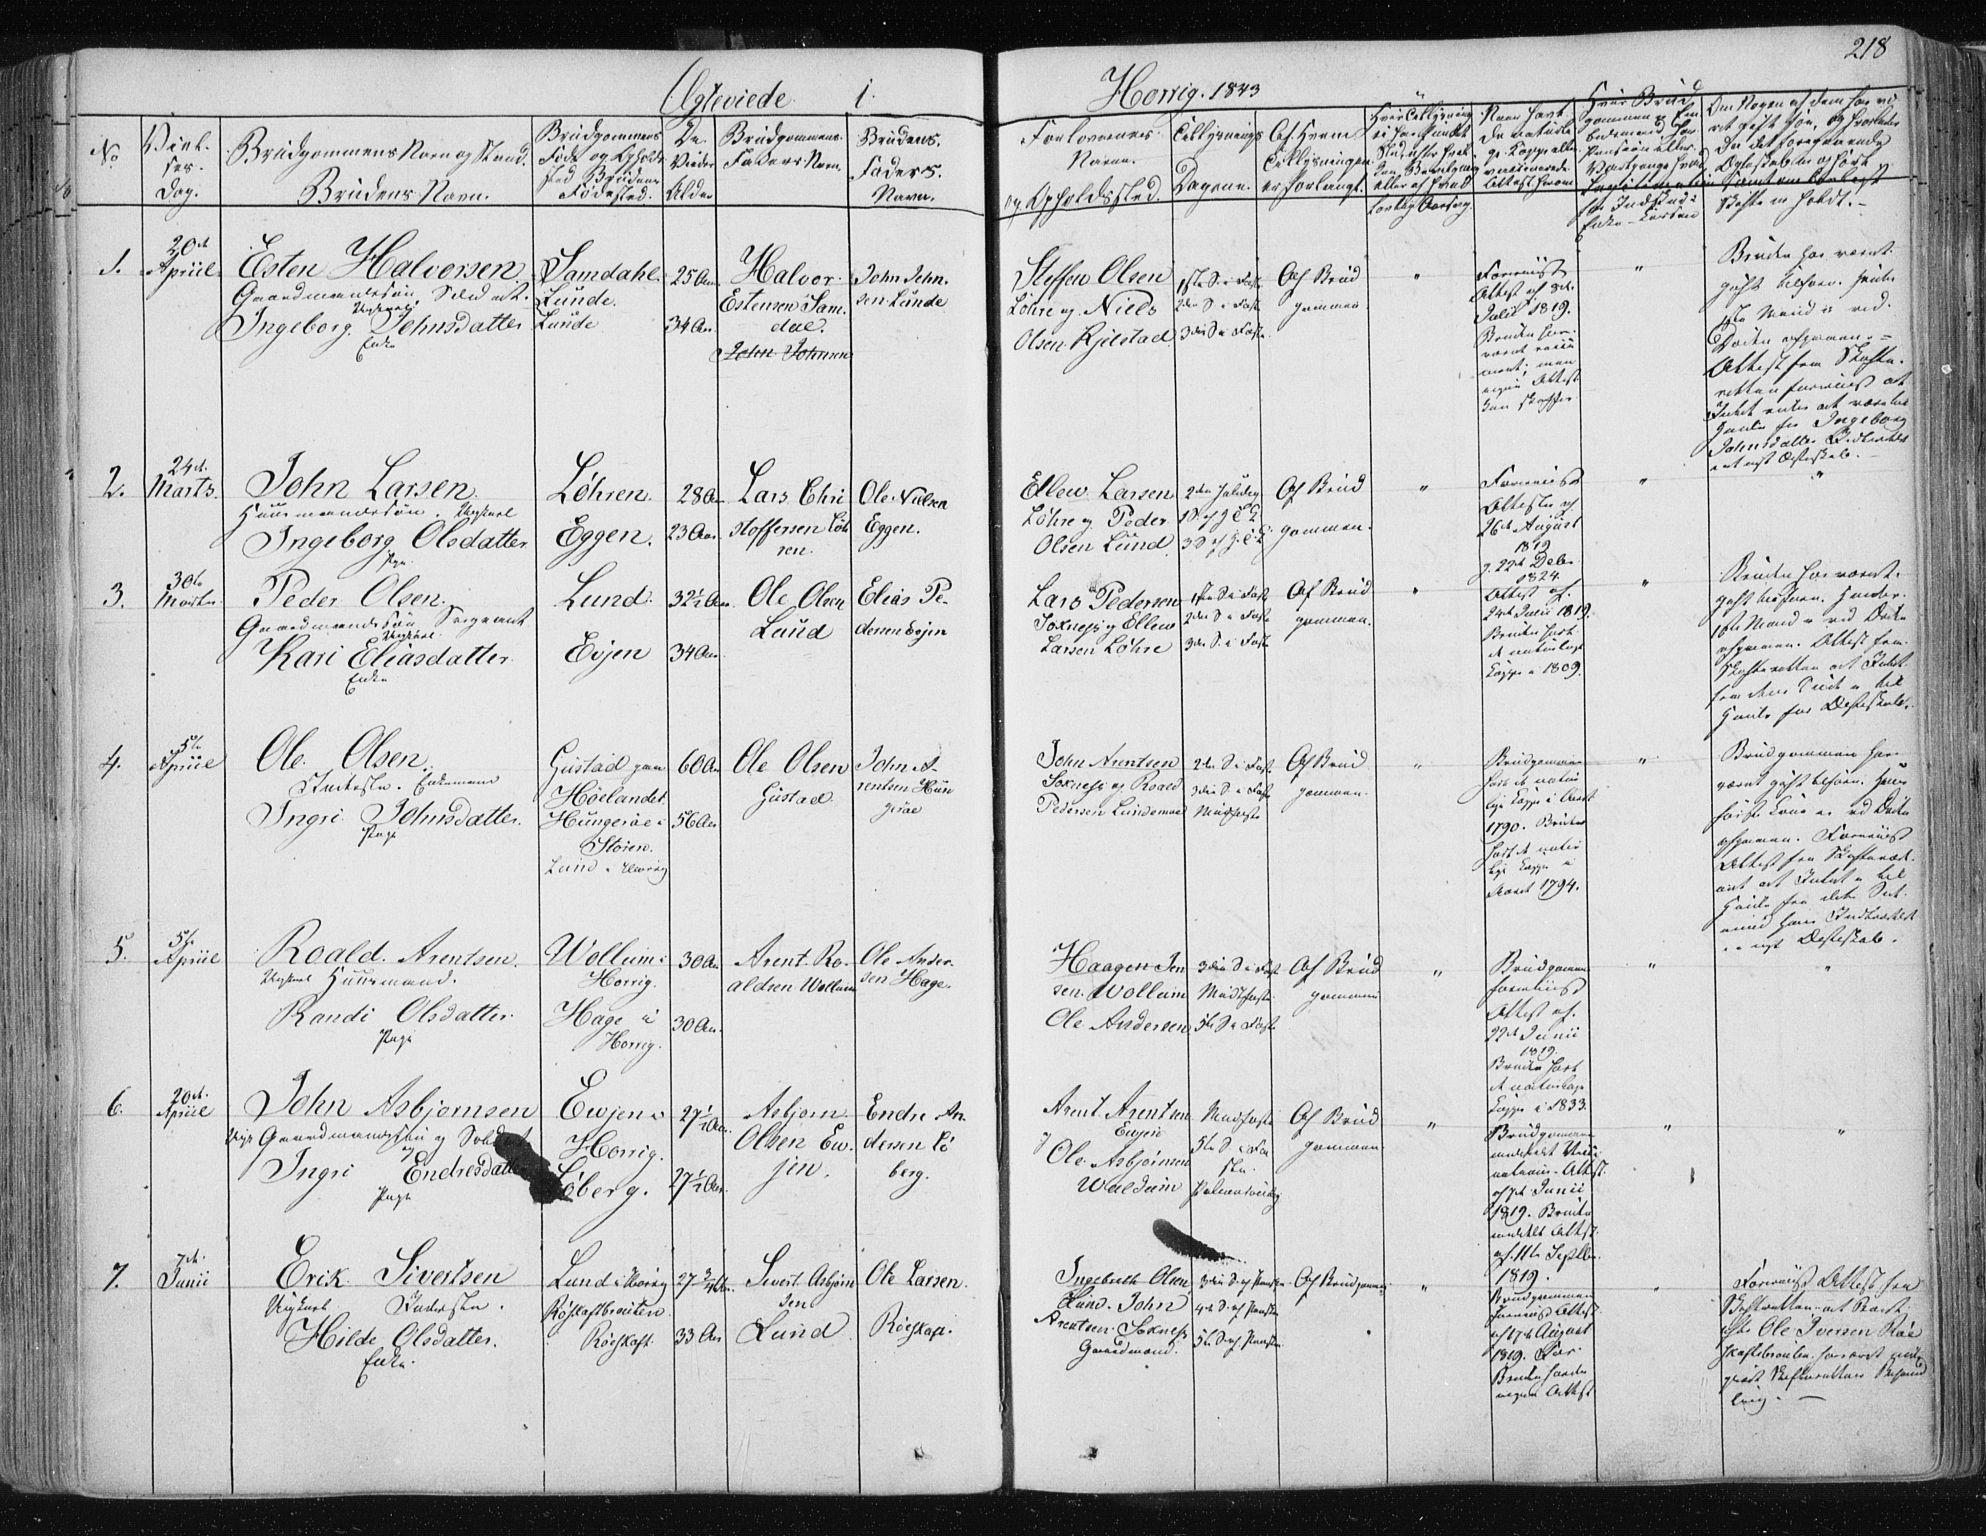 SAT, Ministerialprotokoller, klokkerbøker og fødselsregistre - Sør-Trøndelag, 687/L0998: Ministerialbok nr. 687A05 /2, 1843-1849, s. 218